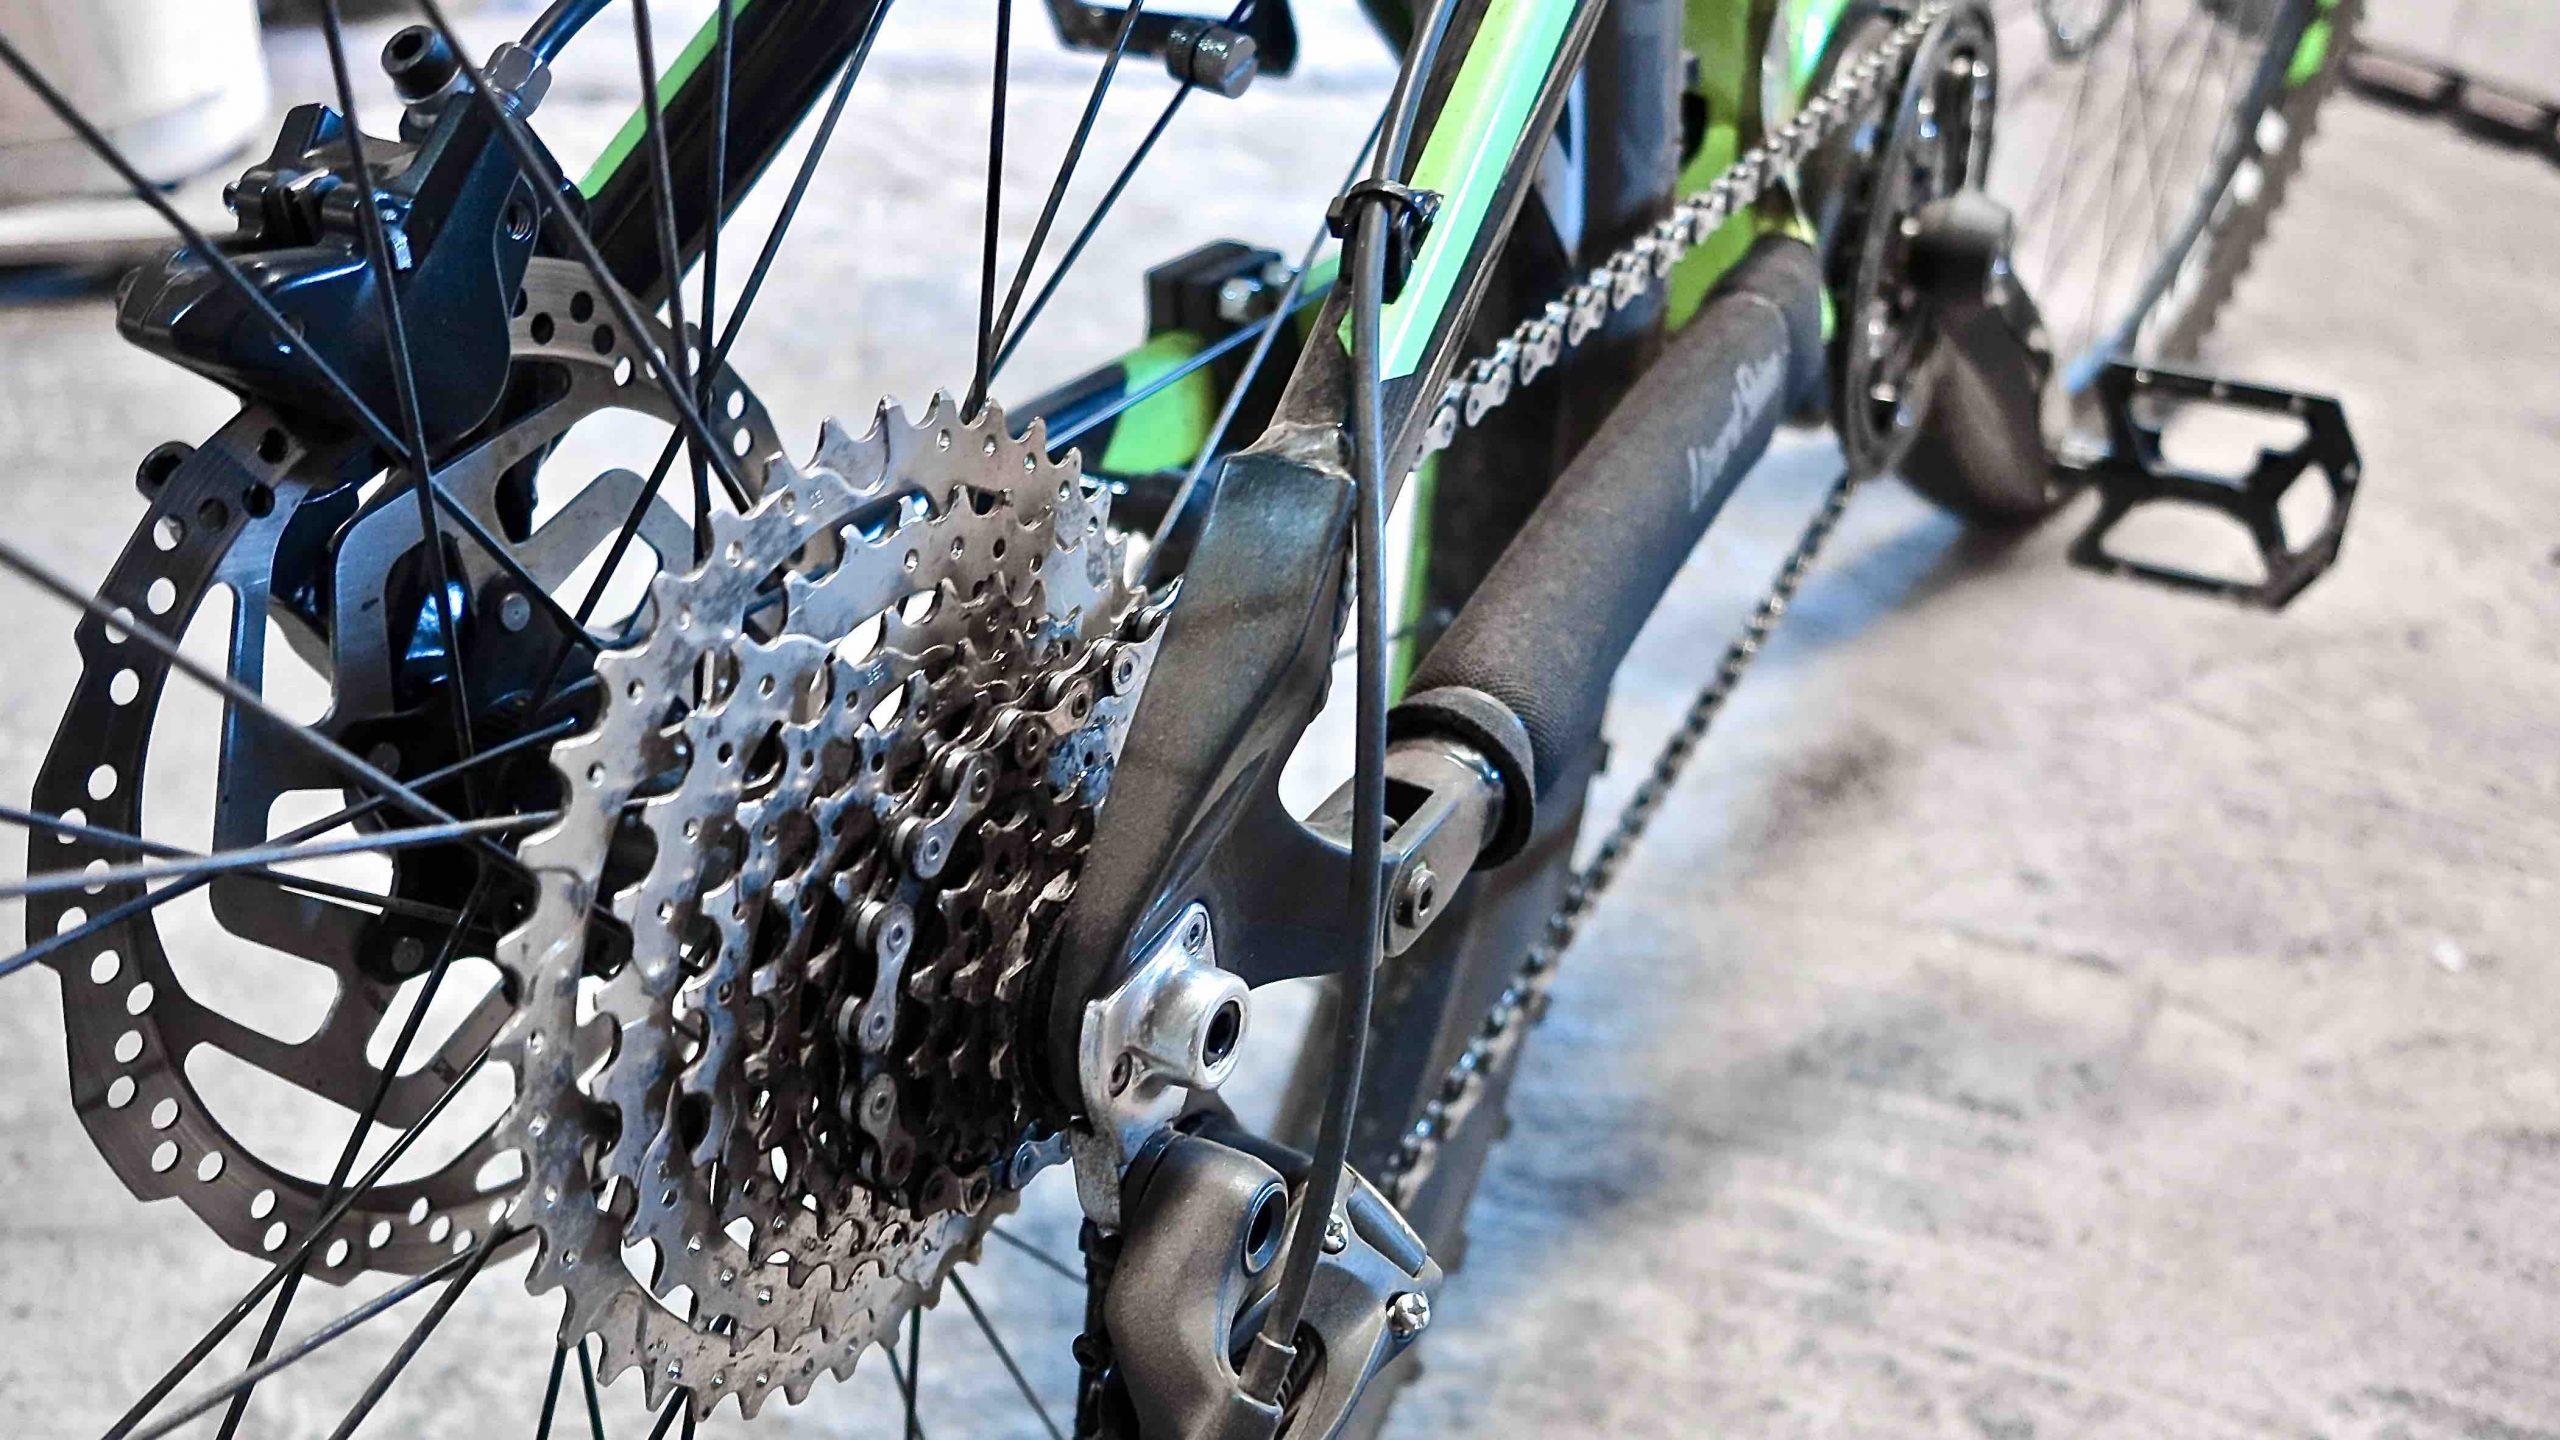 Banca Ifis – Innovazione e lifestyle: l'eBike traina il mercato della bici.